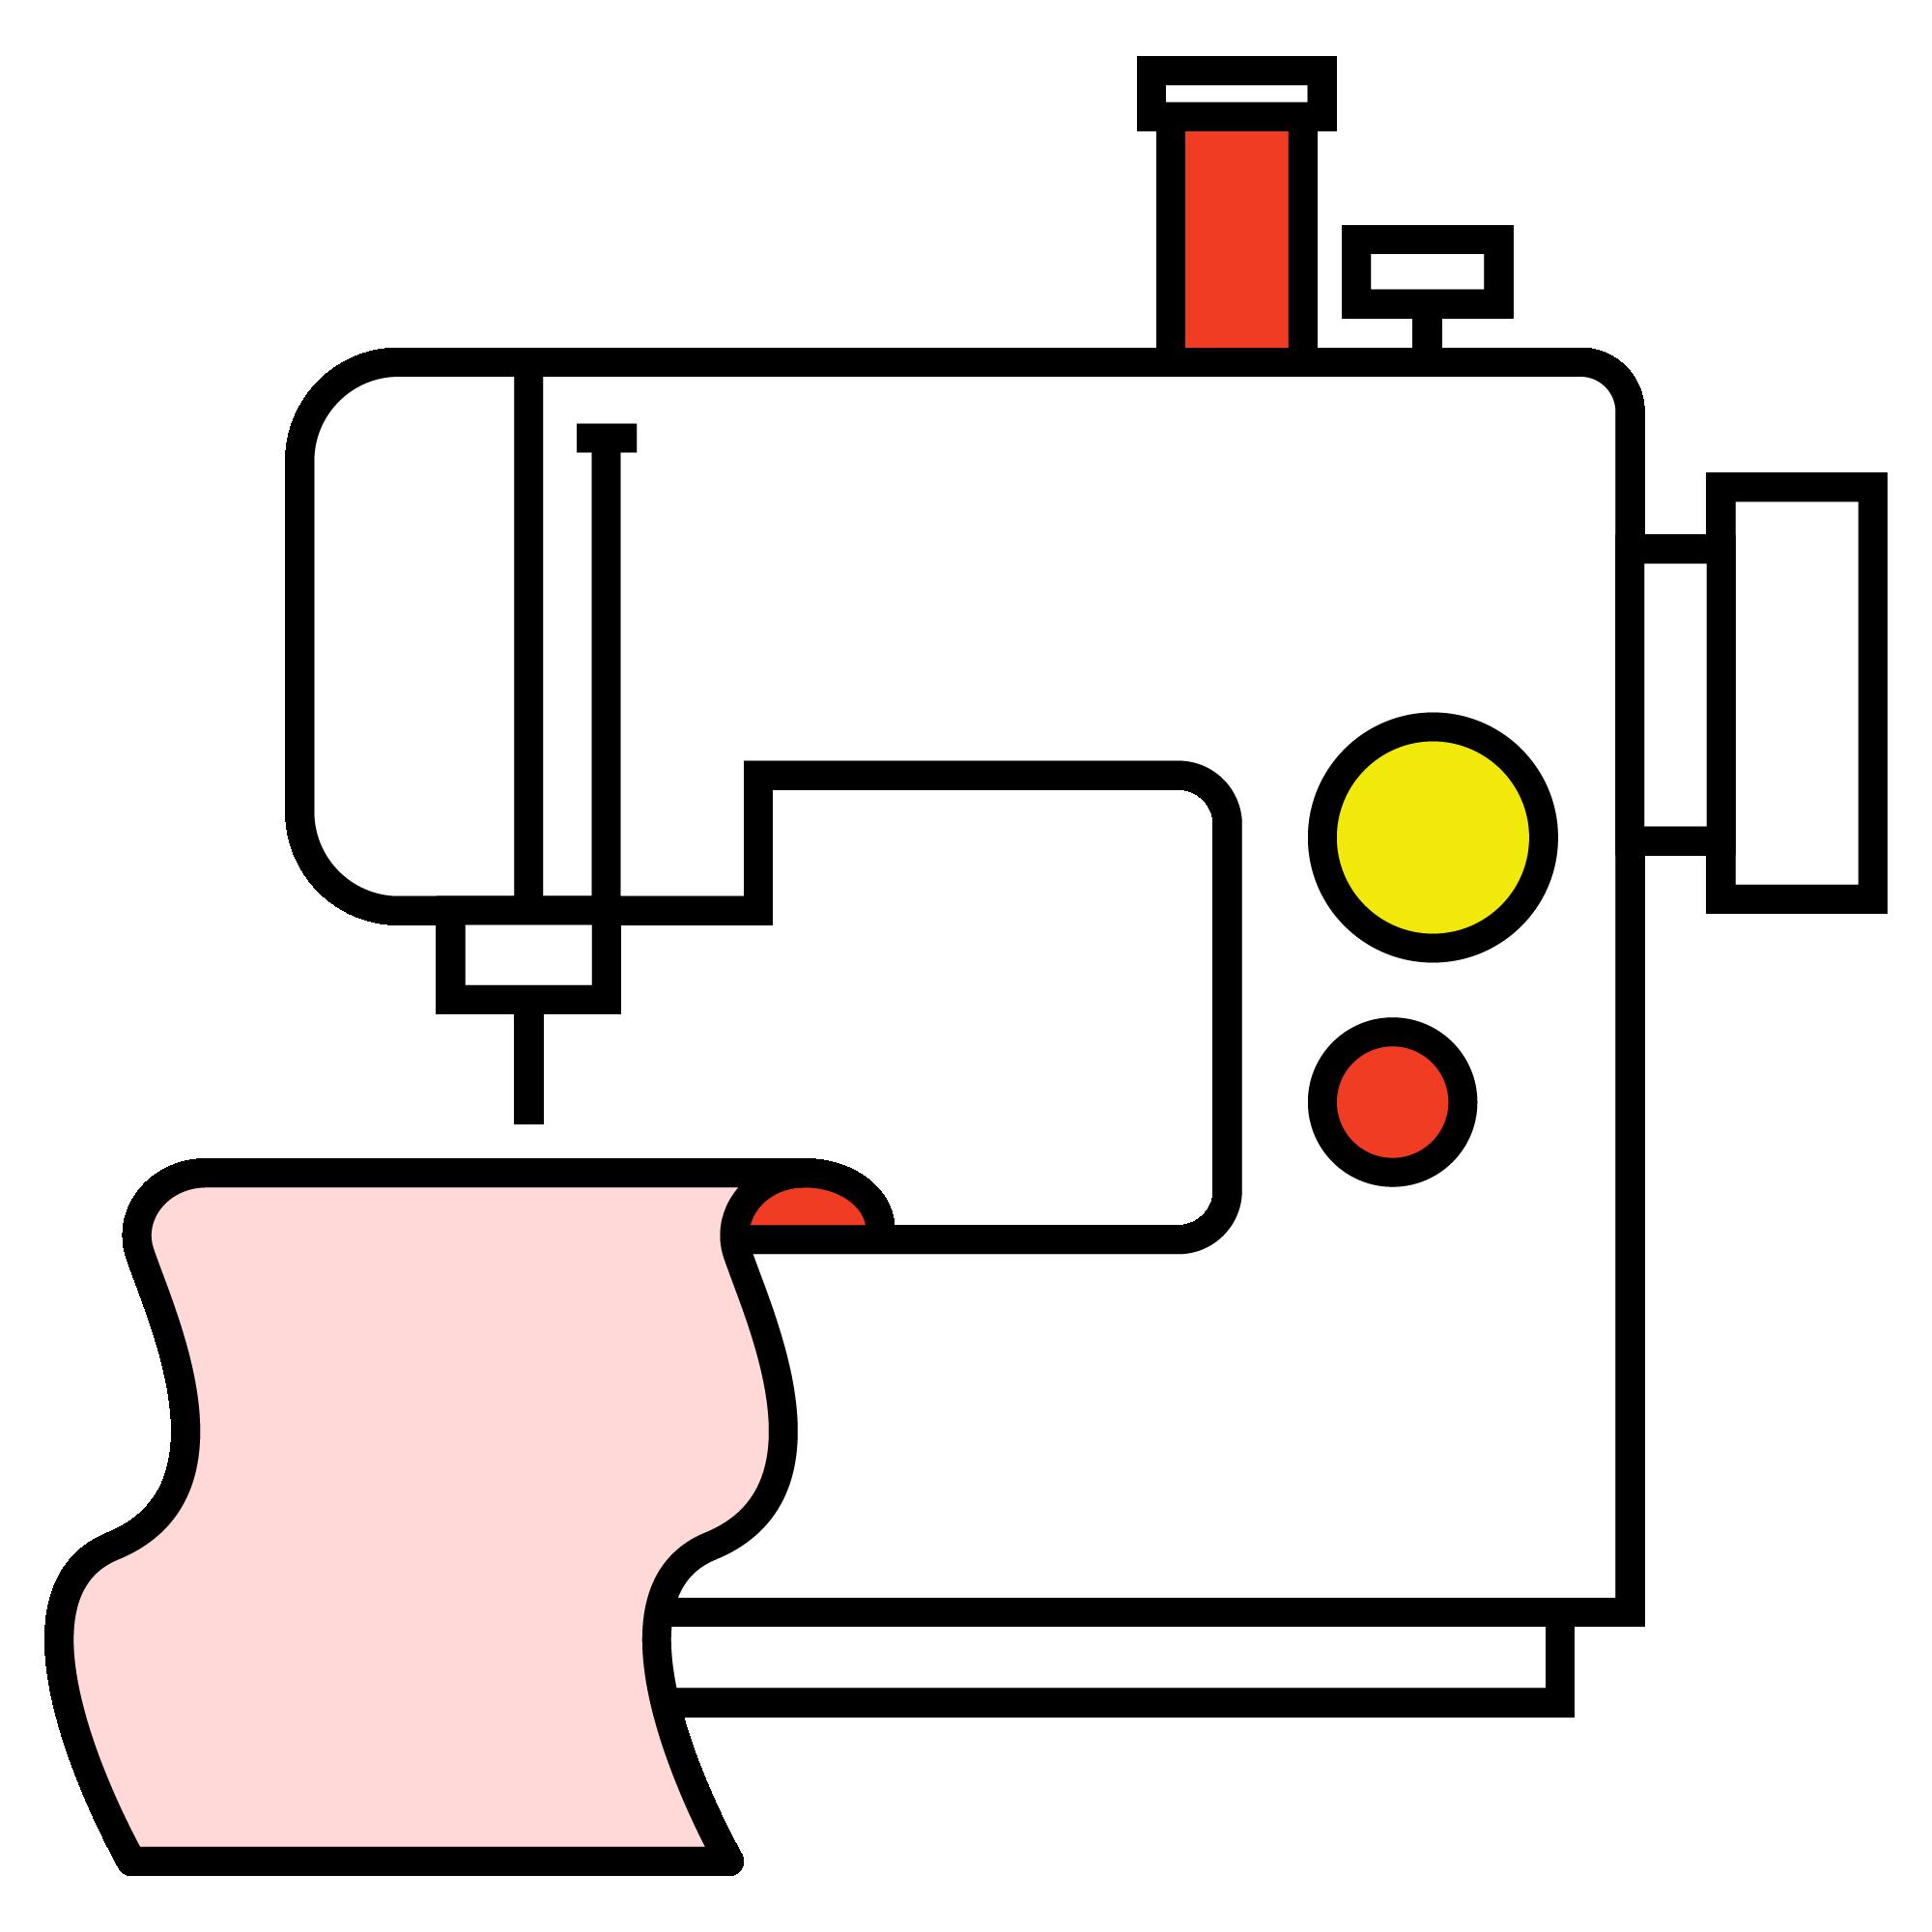 Prototypes / WIP